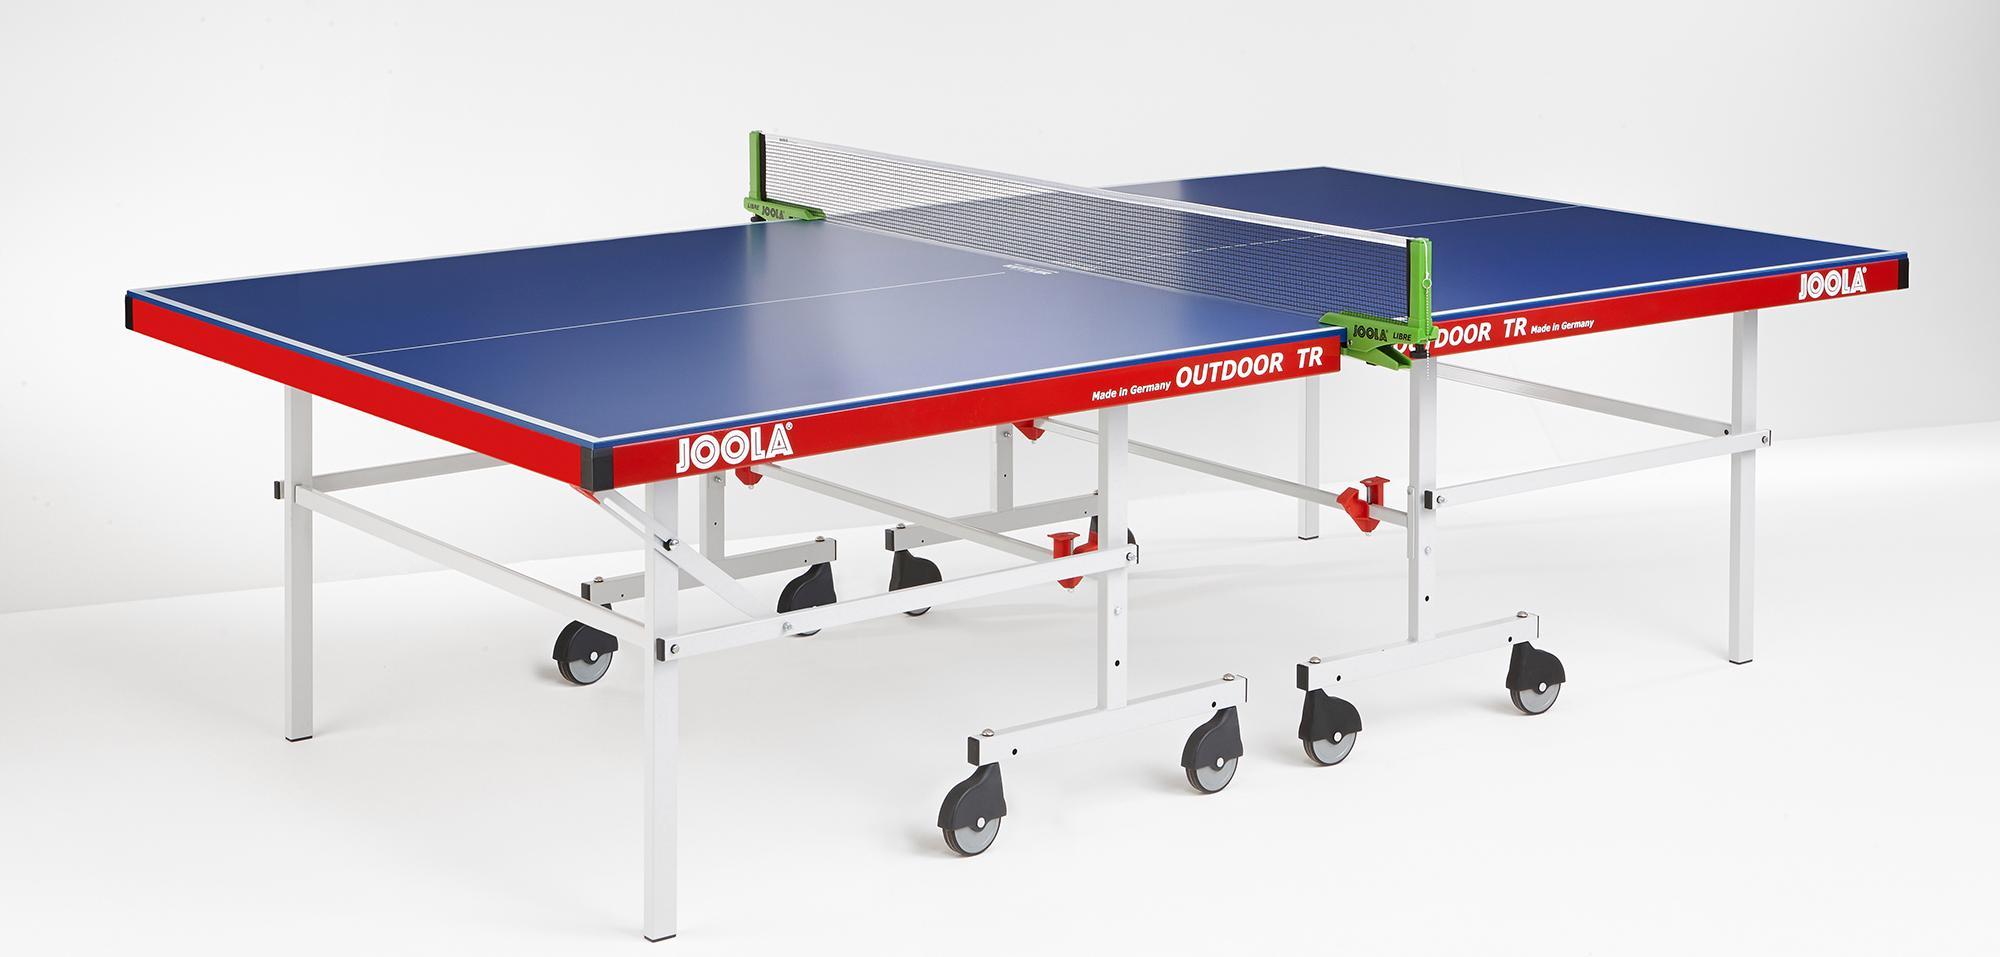 Joola Tischtennisplatte Outdoor TR Technik & Freizeit/Sport & Freizeit/Sportarten/Tischtennis/Tischtennis-Ausrüstung